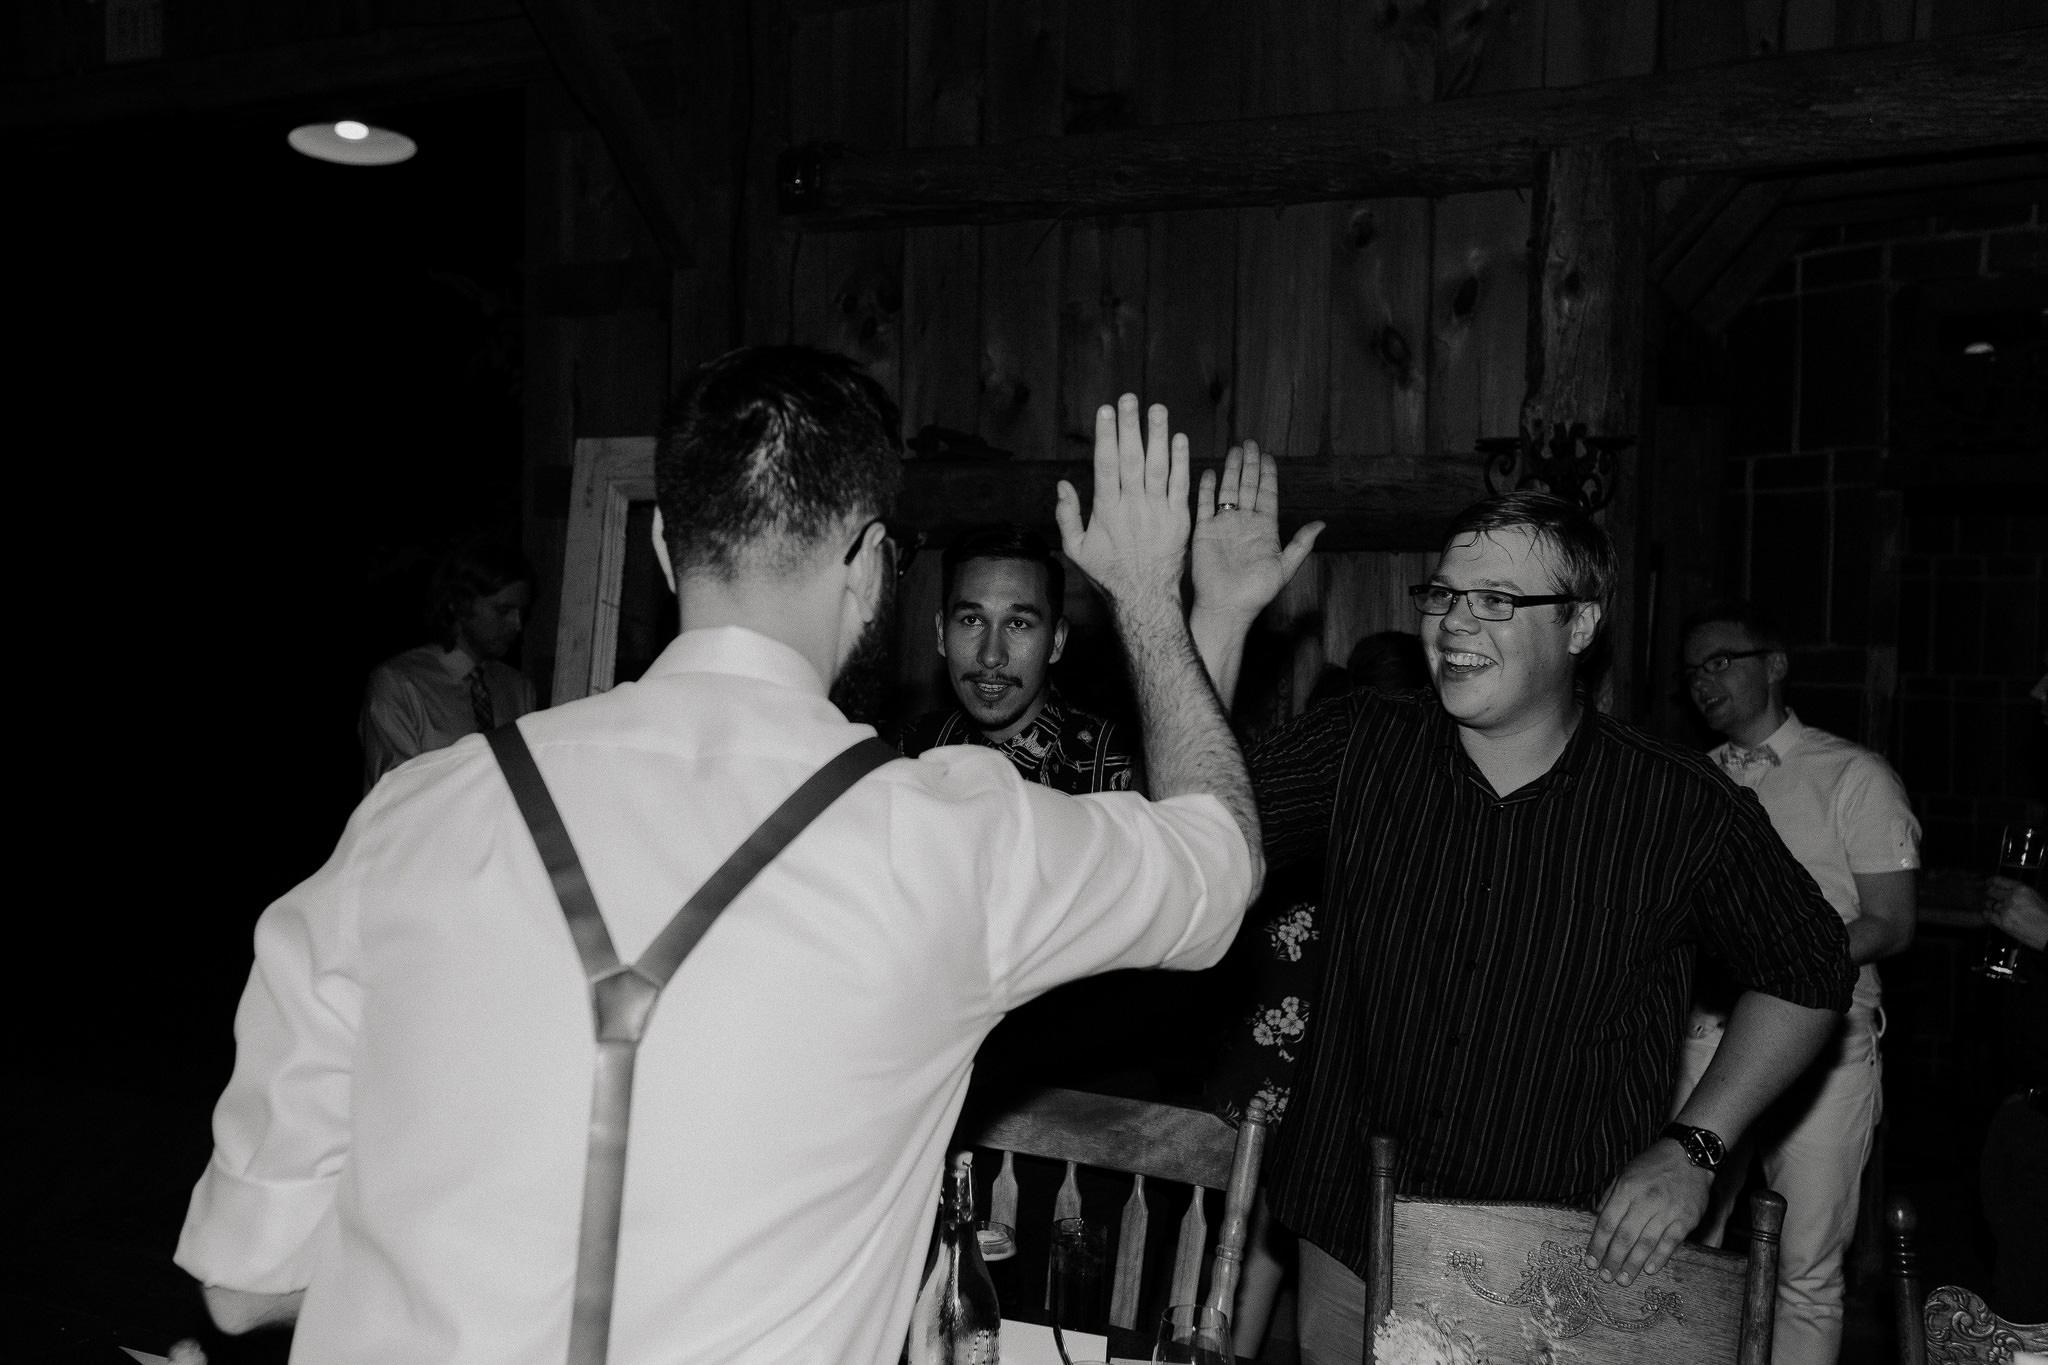 Rustic Venue Bride and Groom Speech Wedding Photos